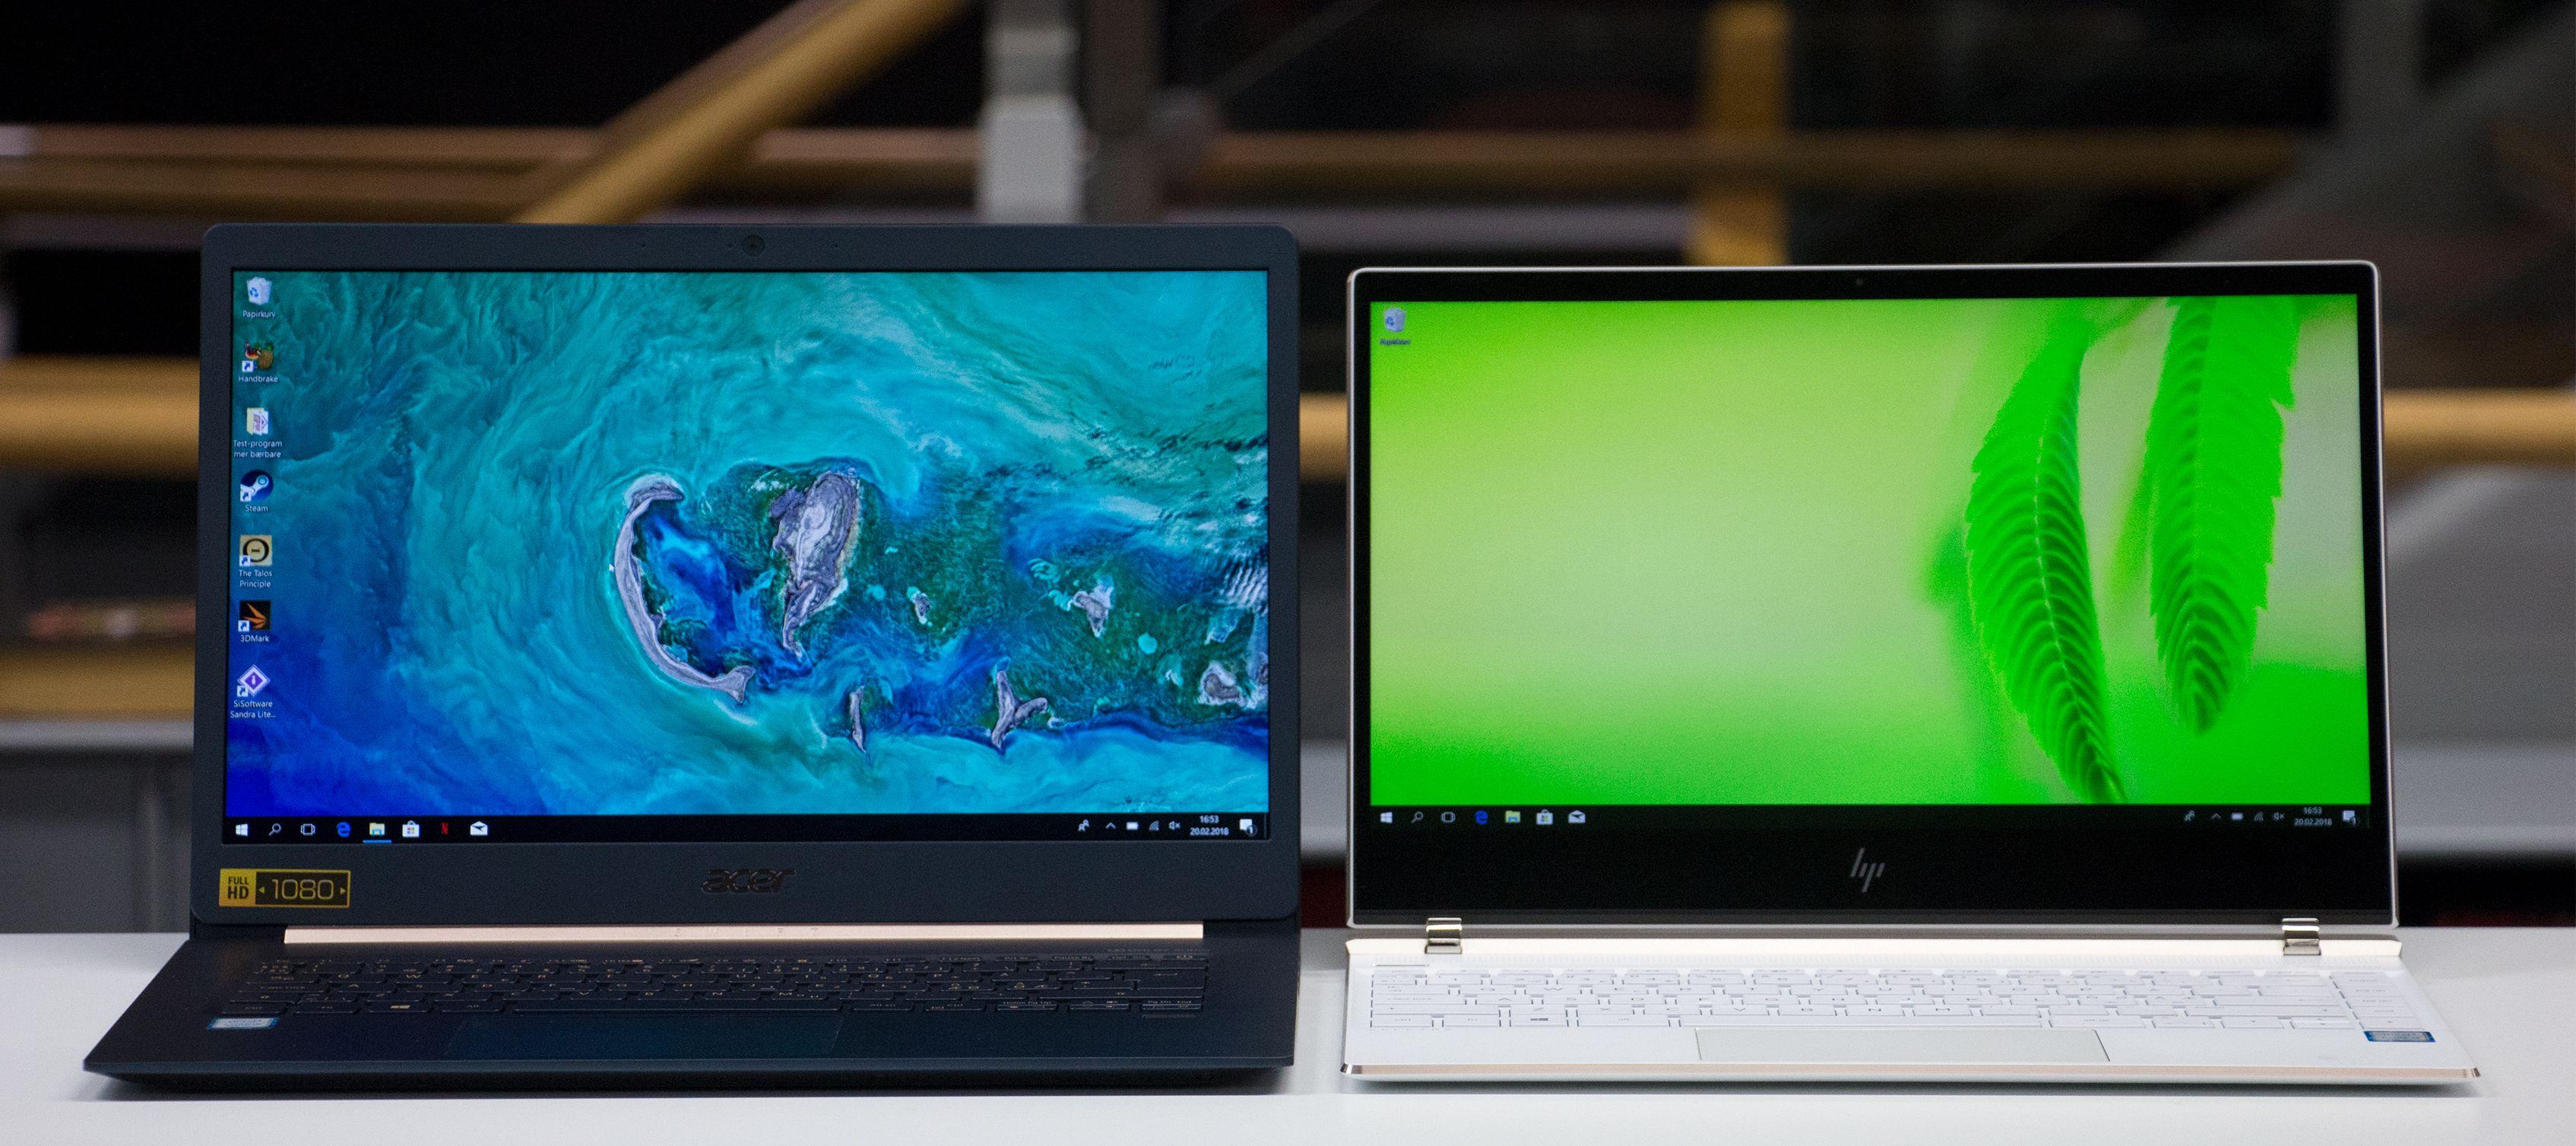 Acer hevder det har fått et 14-tommers panel inn i et 13-tommers skall, men maskinen er beviselig en del større enn HPs kompakte Spectre med 13,3-tommers skjerm.